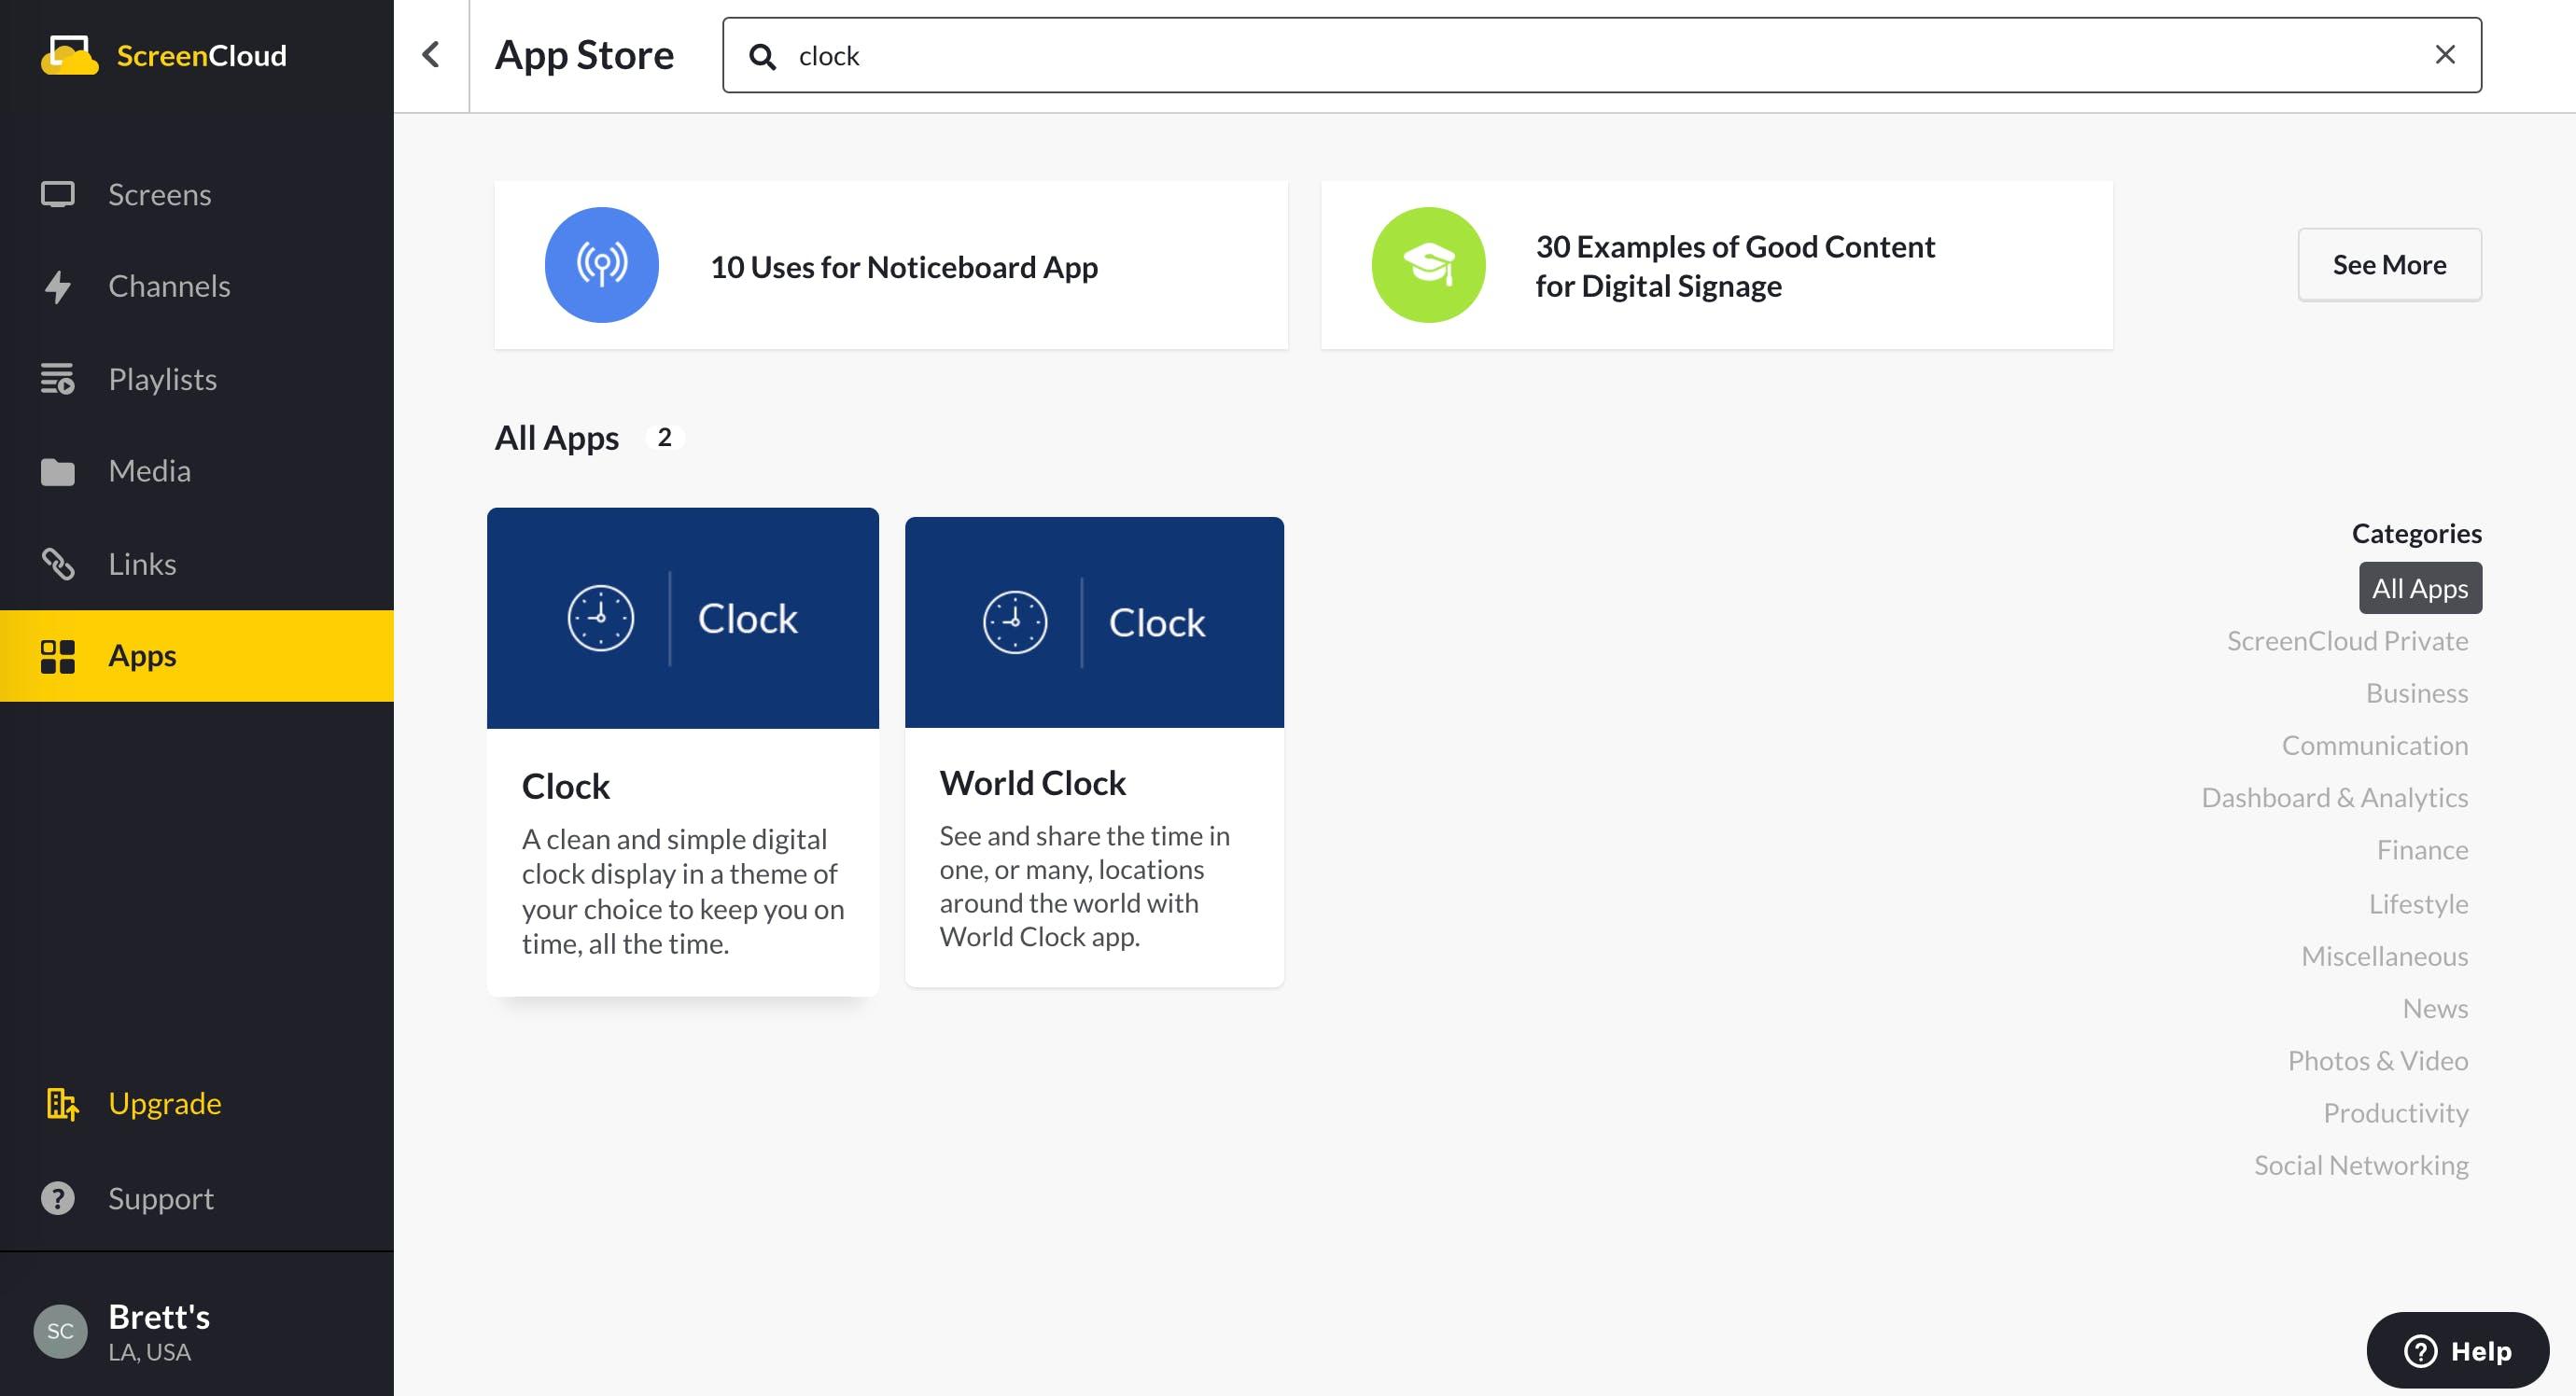 Clock App Guide - App Store 5.13.2020.png